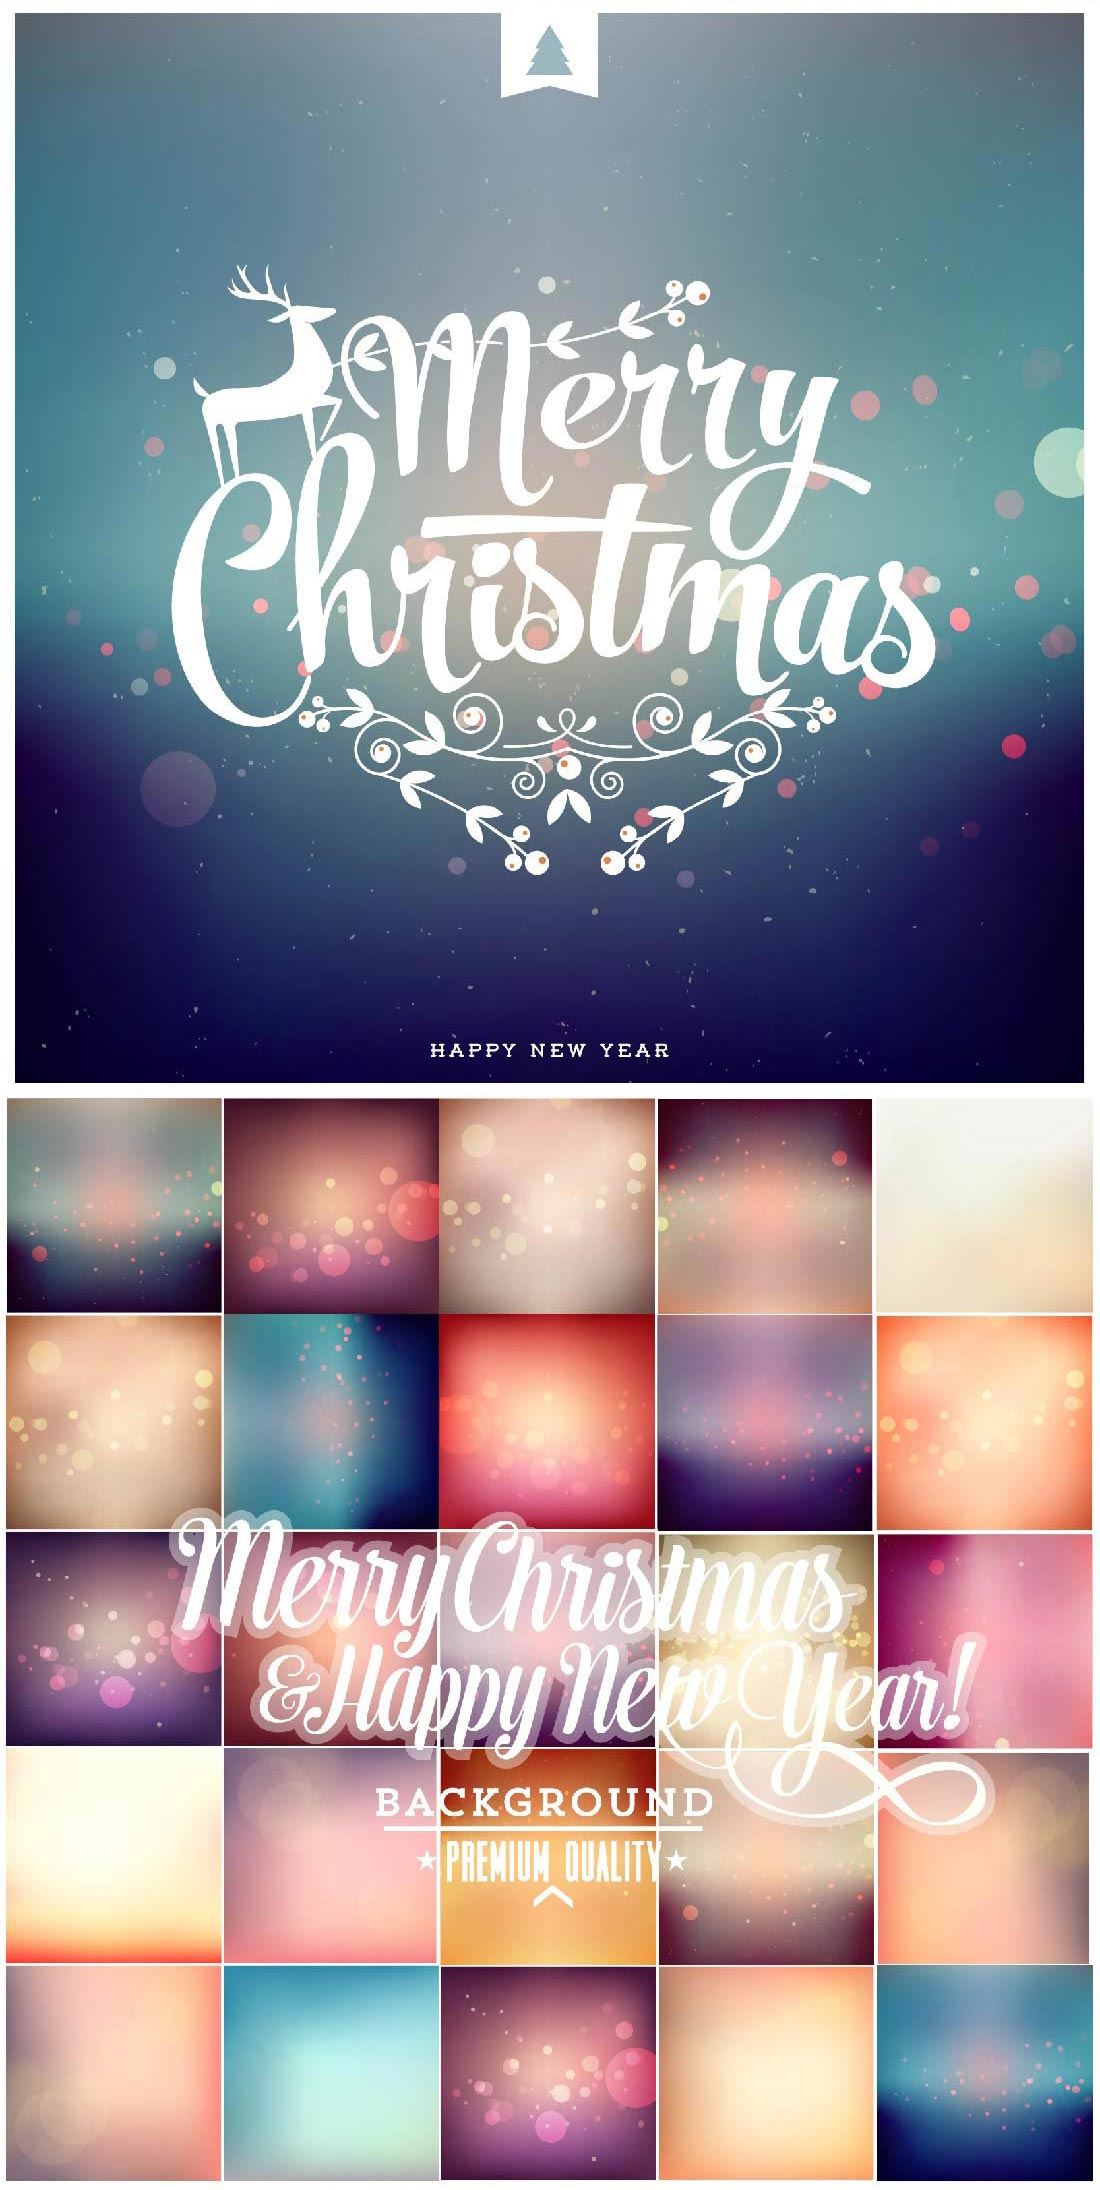 6christmas-3